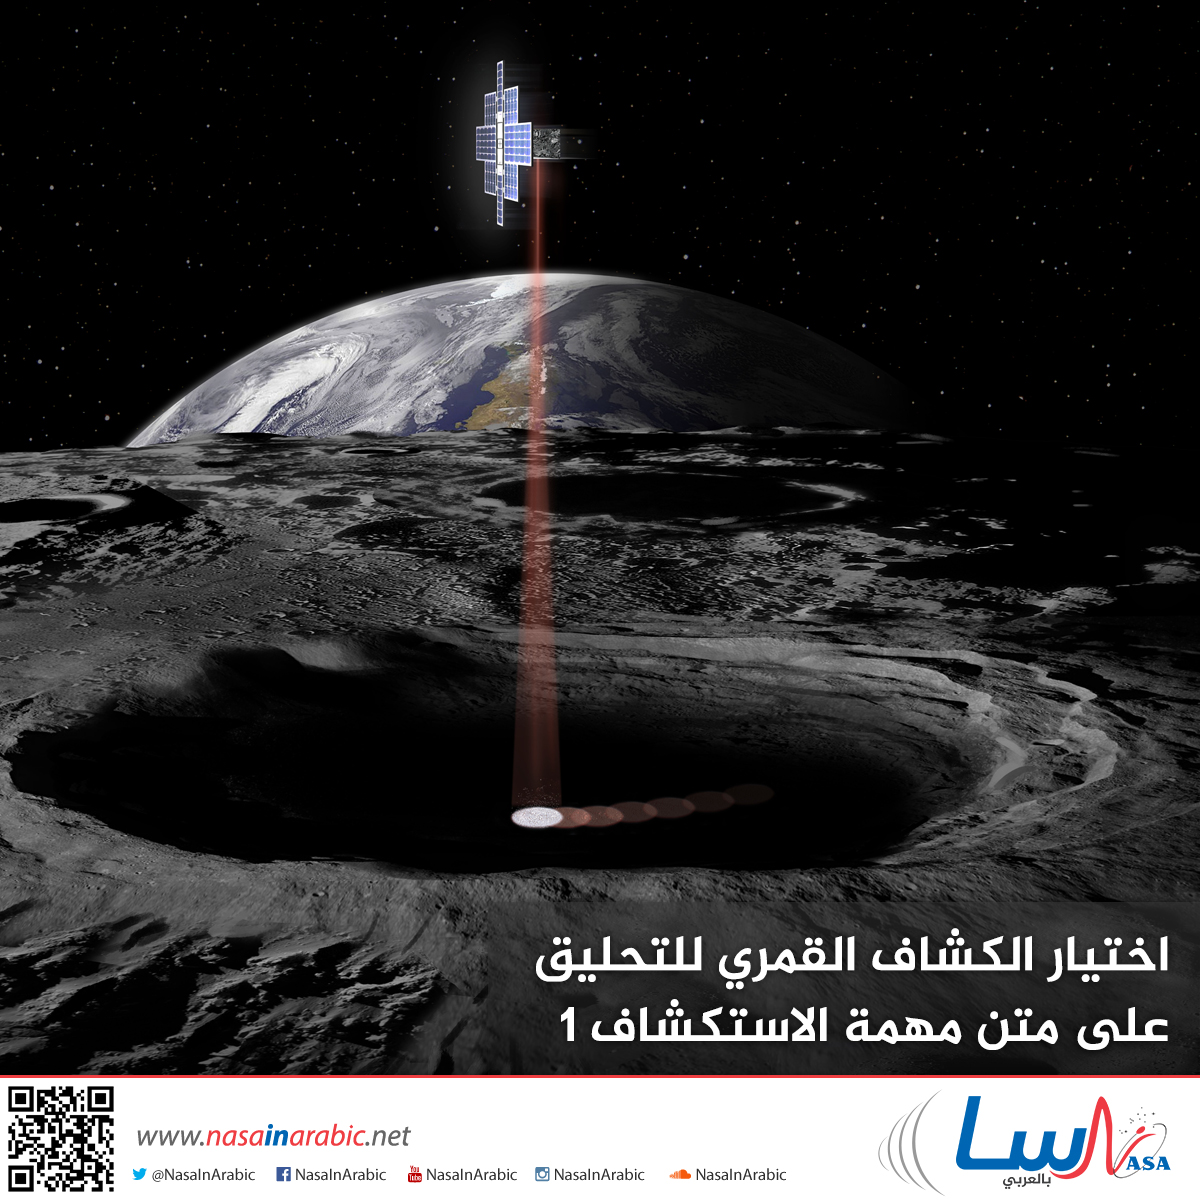 اختيار الكشاف القمري للتحليق على متن مهمة الاستكشاف 1